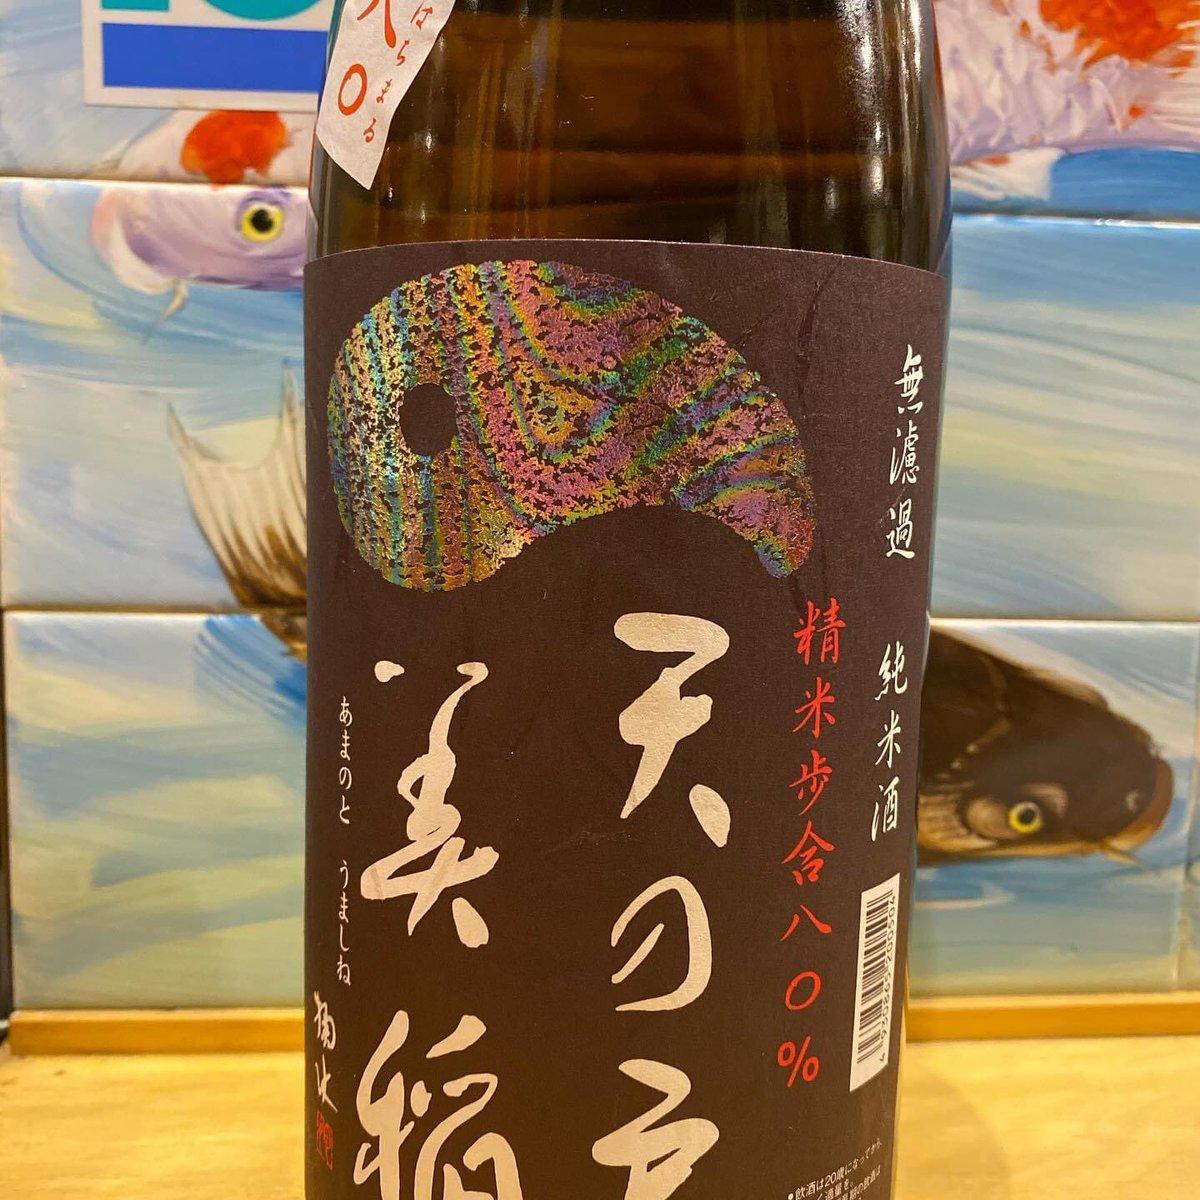 test ツイッターメディア - お疲れ様です。マオフです。 日本酒のご紹介です。 天の戸 美稲80純米無濾過原酒(秋田) ウチの実家から車で10分ほどのところにある浅舞酒造さんのお酒です。冬から春くらいに生酒が出ますが、火入れの落ち着いた感じもいいです。非常に飲み飽きしないお酒です。 https://t.co/yeRLA4zn1Z